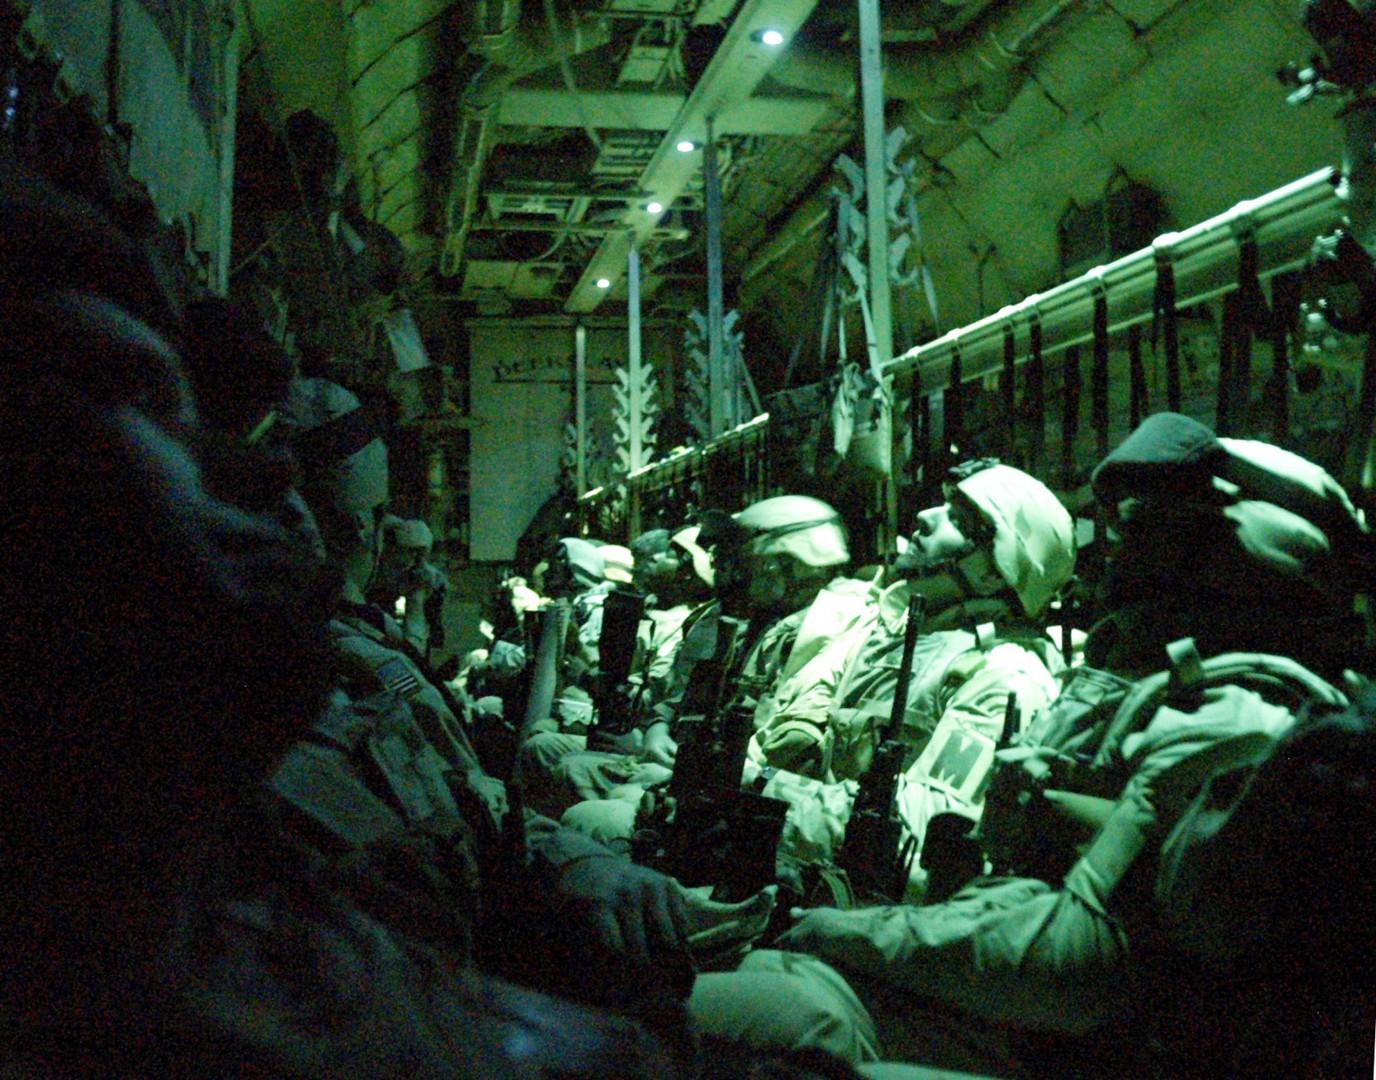 ©BHE/ReflexNews/Lapresse 31-01-2005 Ali Al Salem, Camp Buhering, Kuwait Esteri Soldati USA della 42ma Military Police Company nella base militare di Camp Buhering in Kuwait attendono di essere trasferiti in Iraq Nella foto: soldati seduti nel C-130 che li porterˆ in Iraq Only Italy